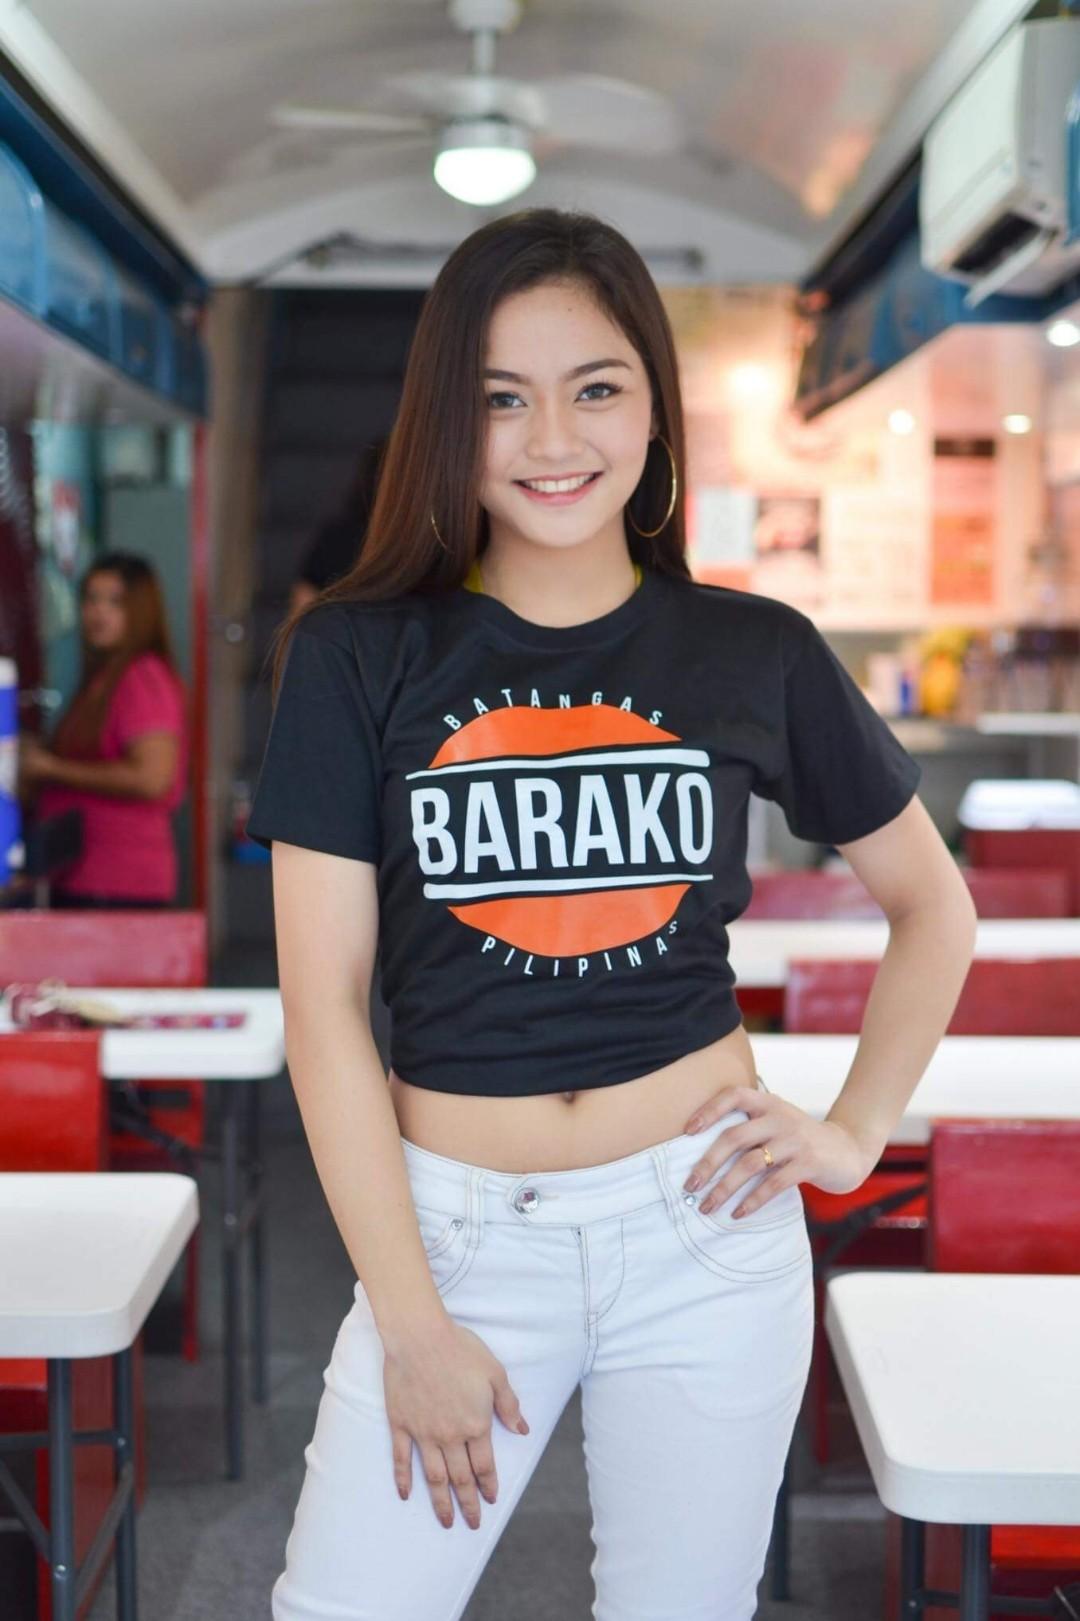 Barako Shirt